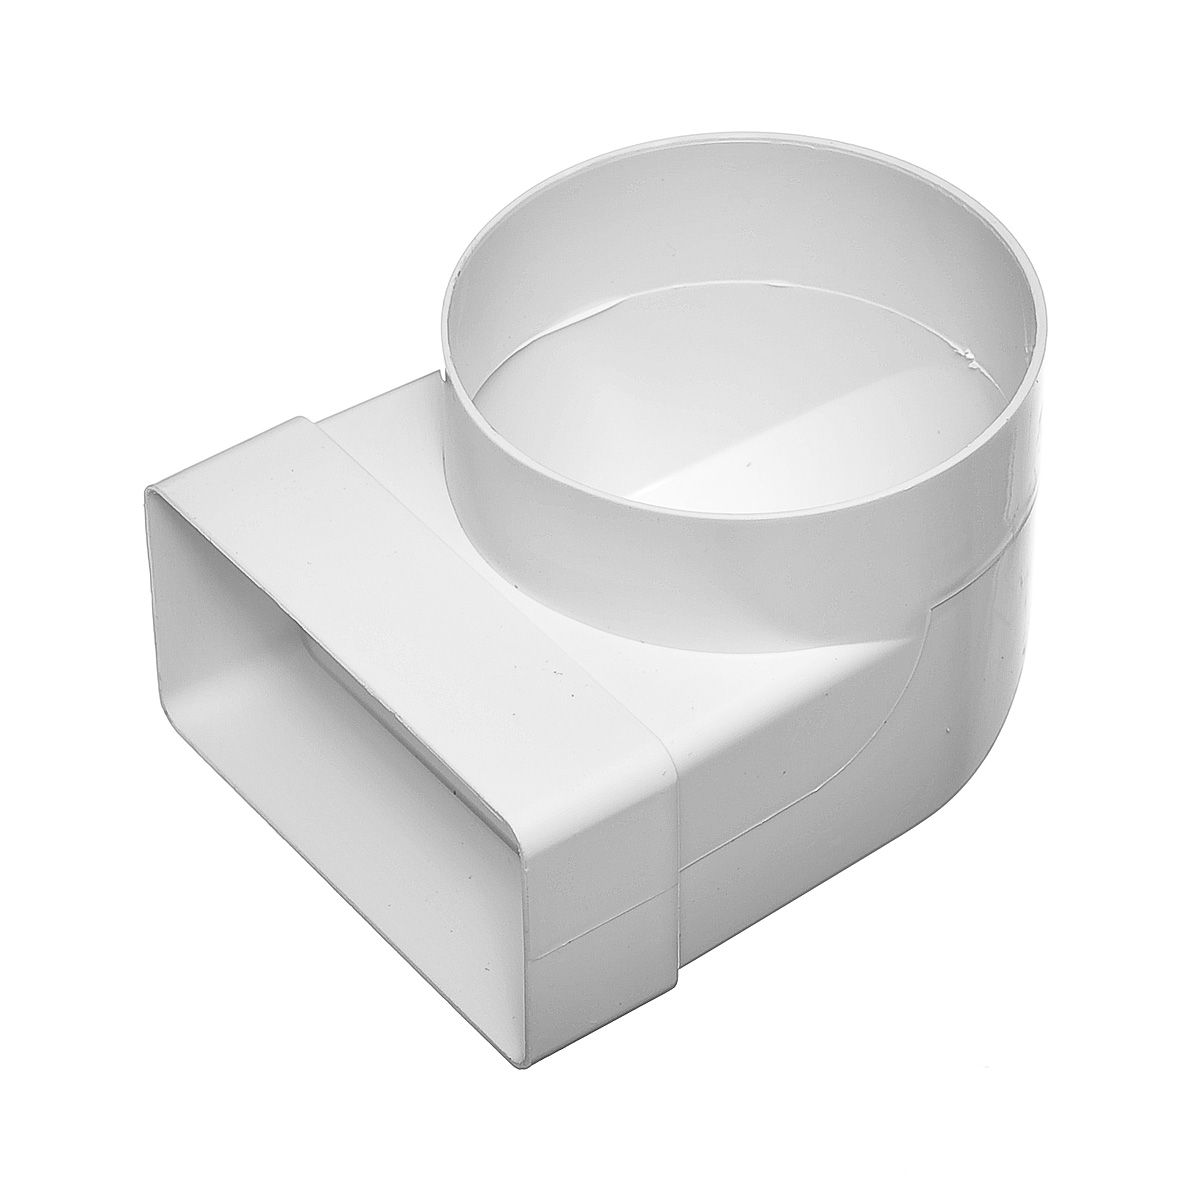 Купить Переход угловой 90º пластиковый для вентиляционных коробов 55х110 мм с круглыми D100 мм — Фото №1